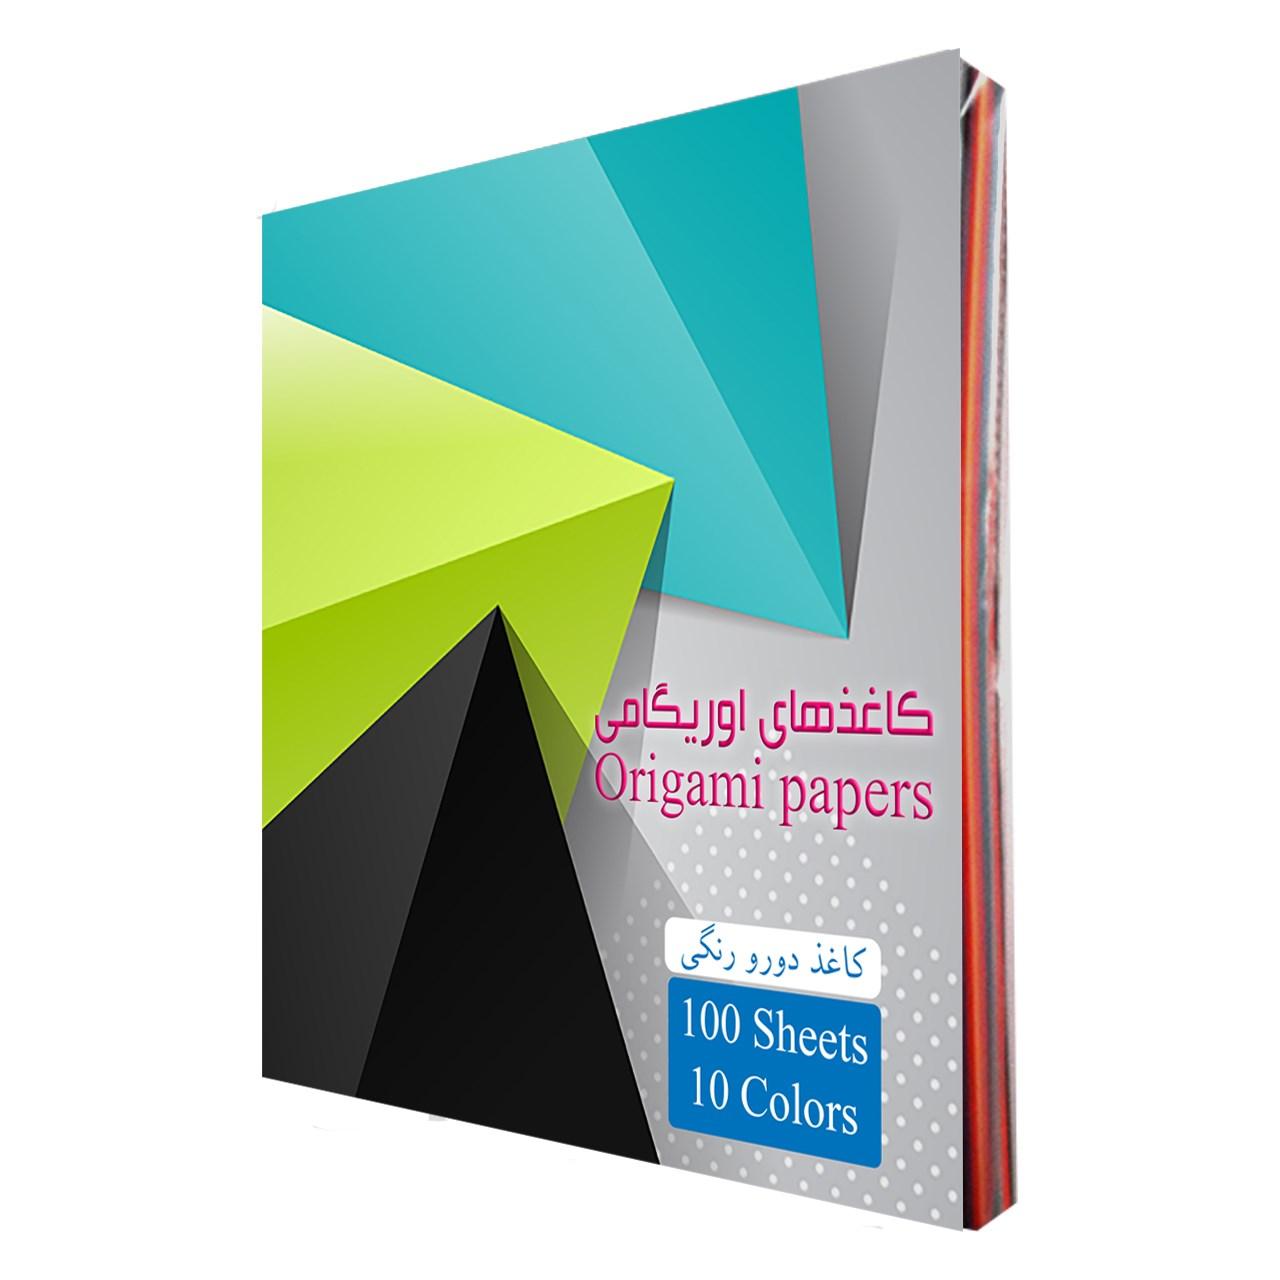 بسته کاغذ اوریگامی پارسه مدل 2s5c